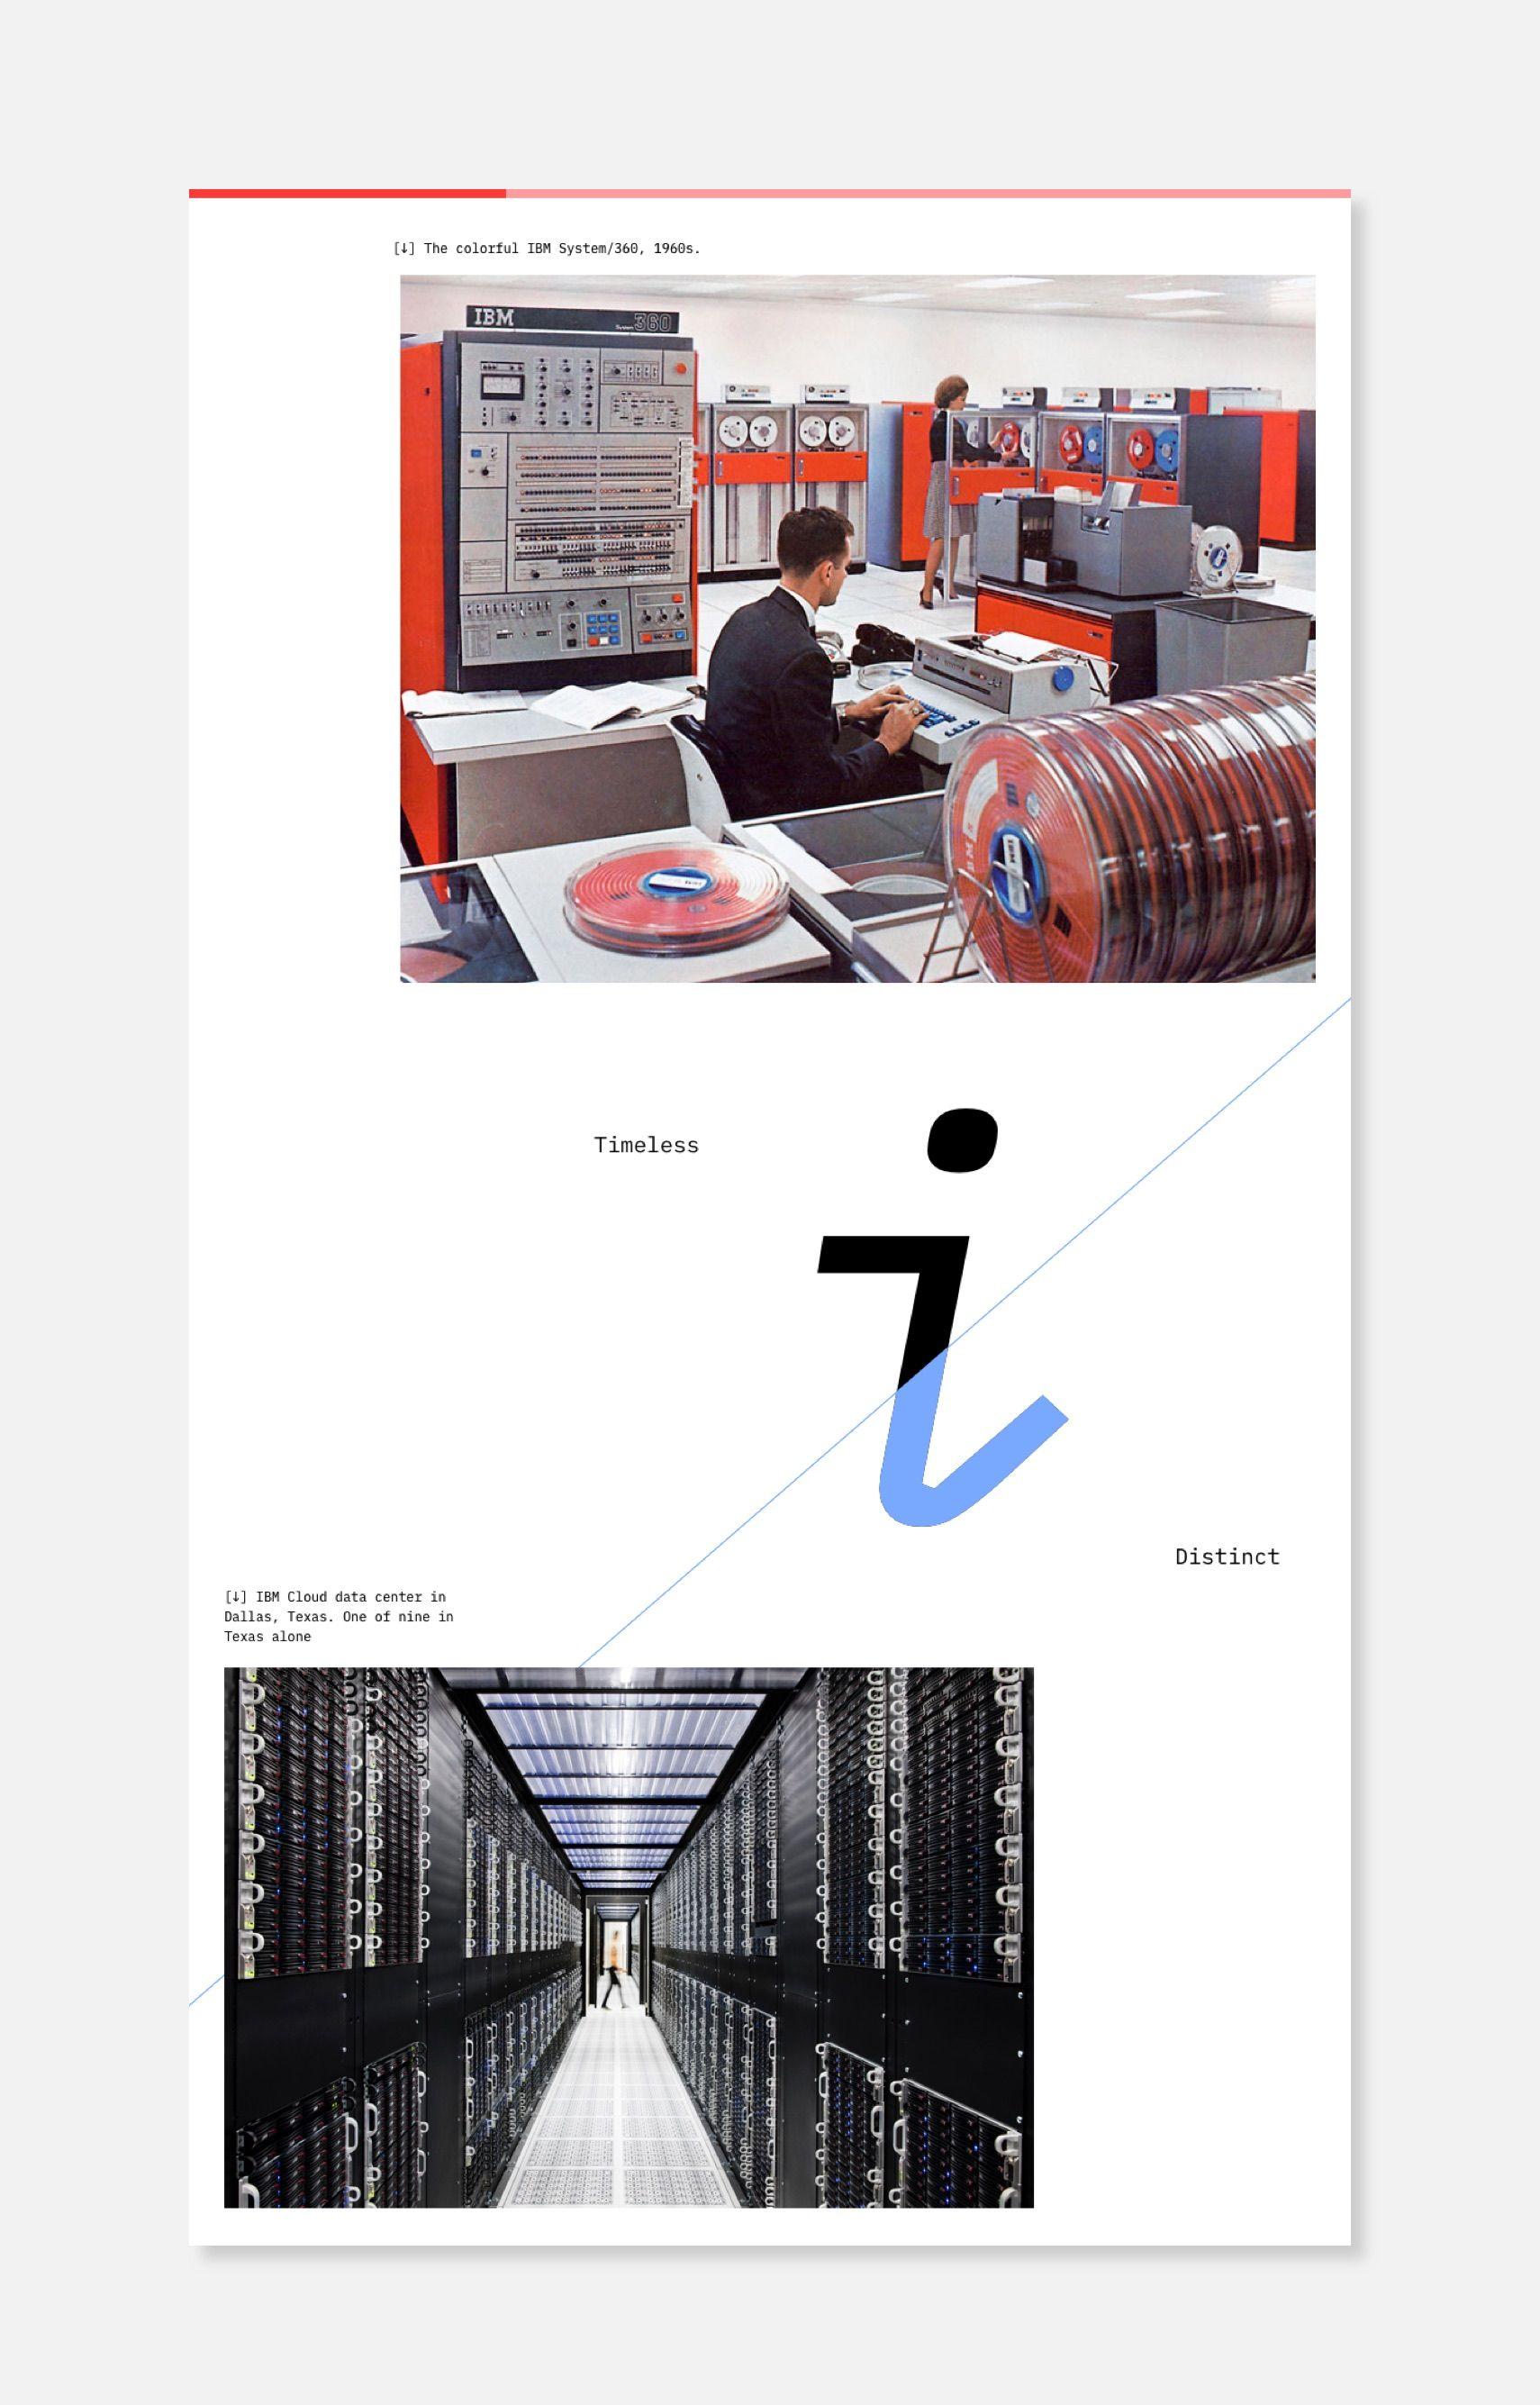 IBM Plex Concept